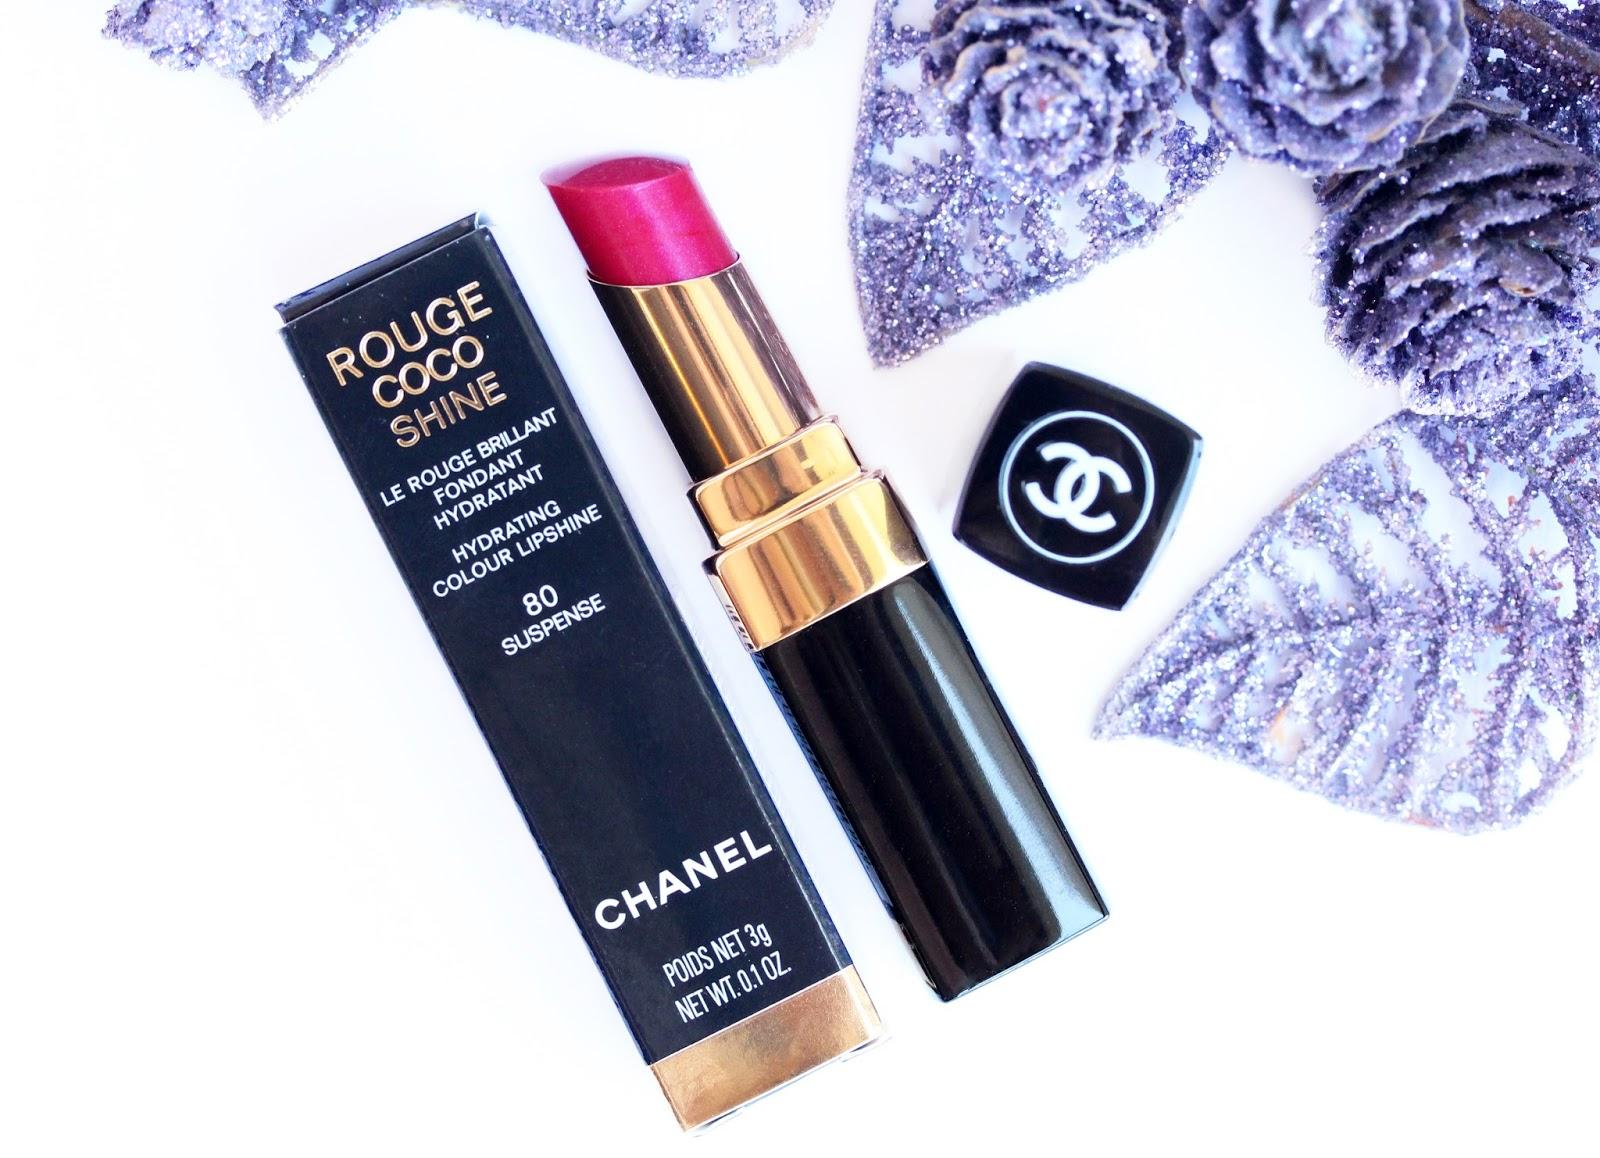 Chanel Rouge Coco Shine lipstick in 80 Suspense